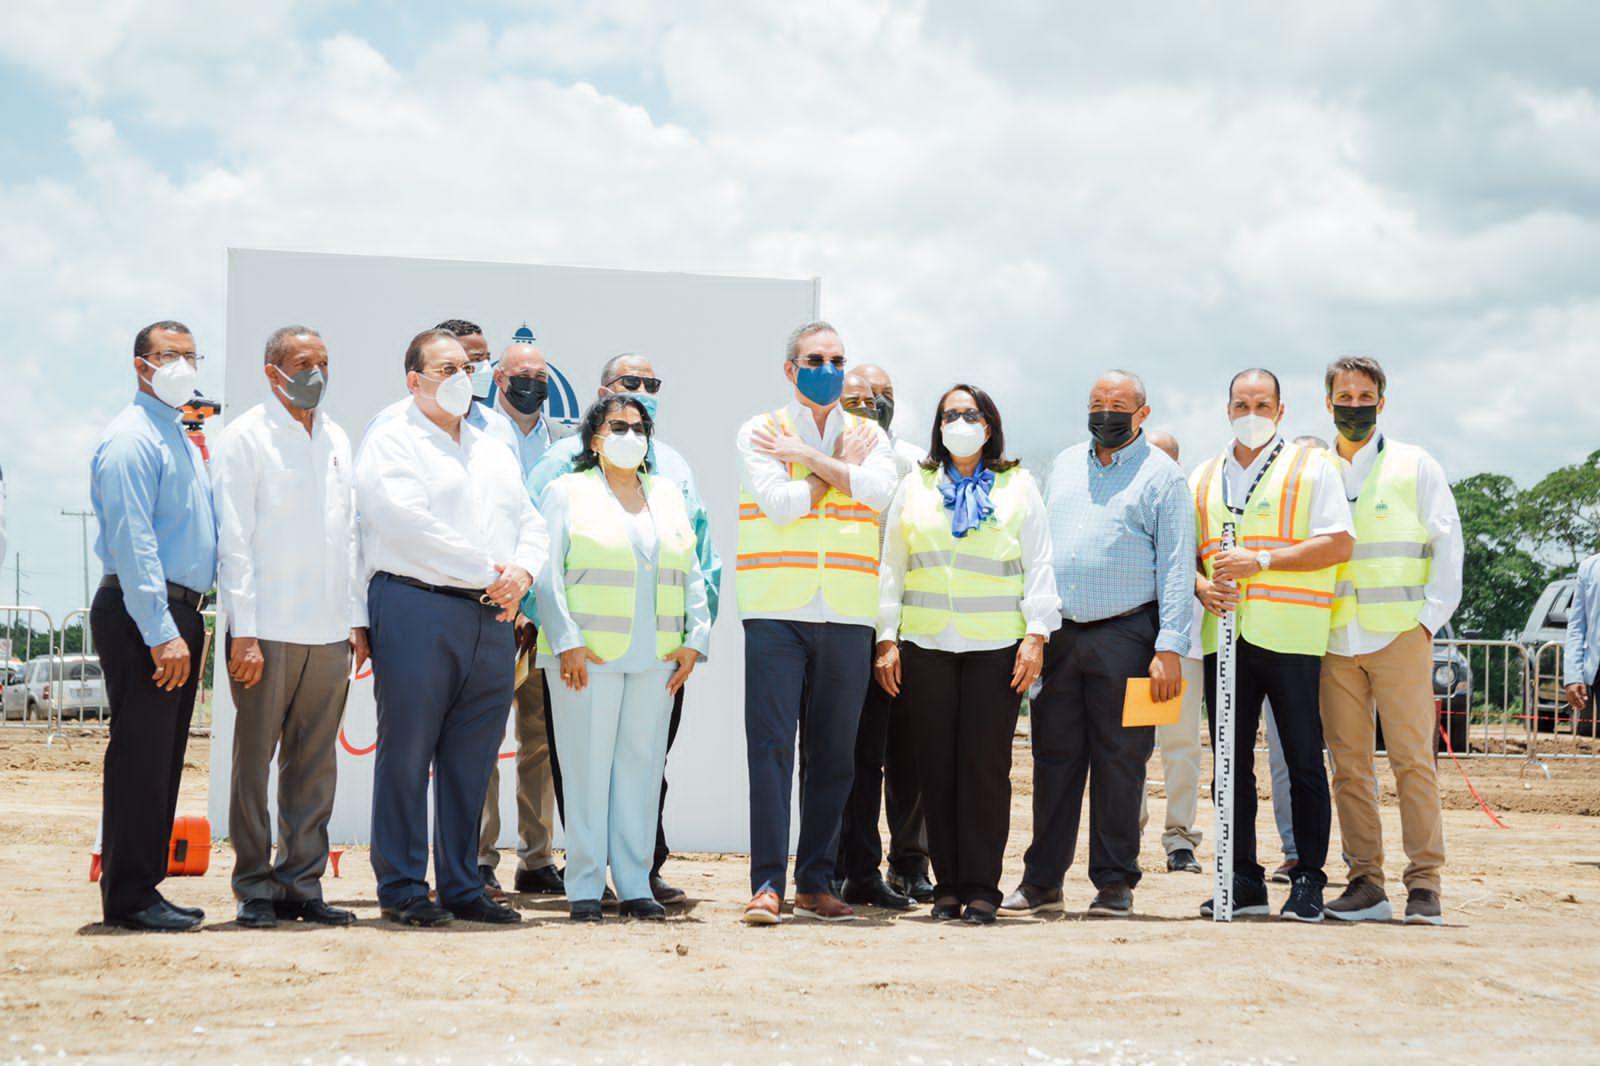 Reinician construcción de Centro Universitario Regional UASD en Hato Mayor